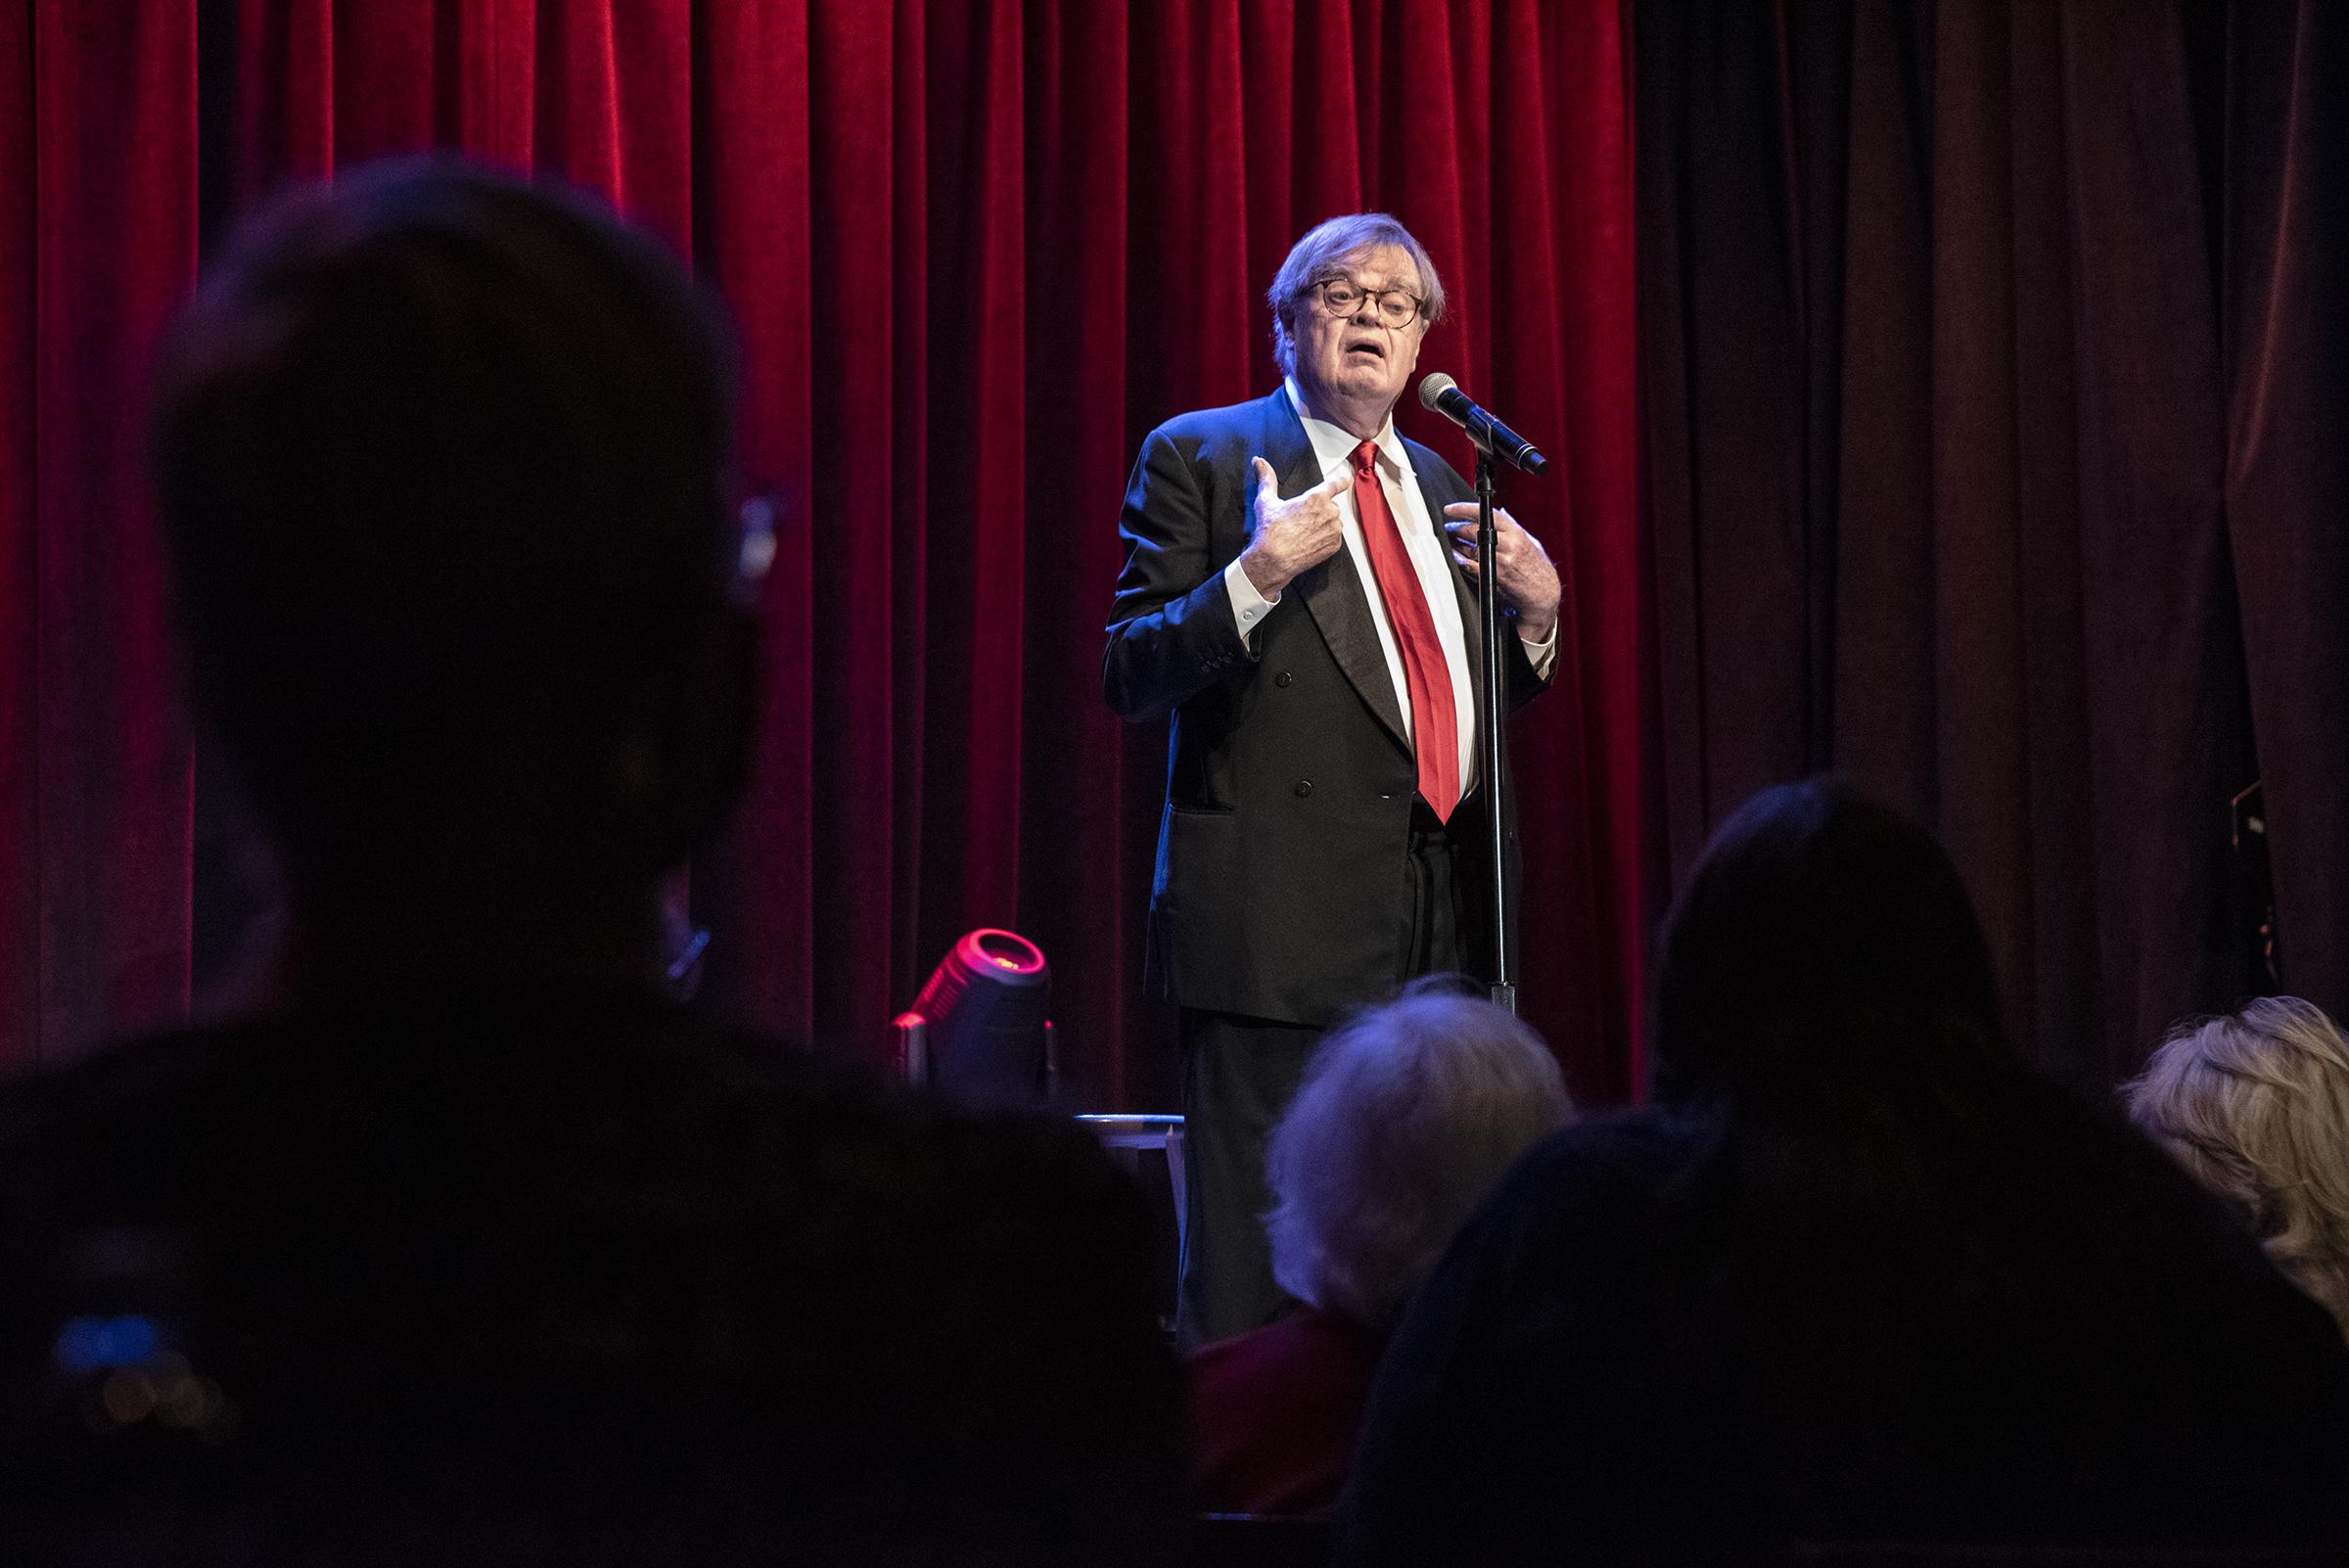 Garrison Keillor onstage at Sellersville Theater in Pennsylvania.